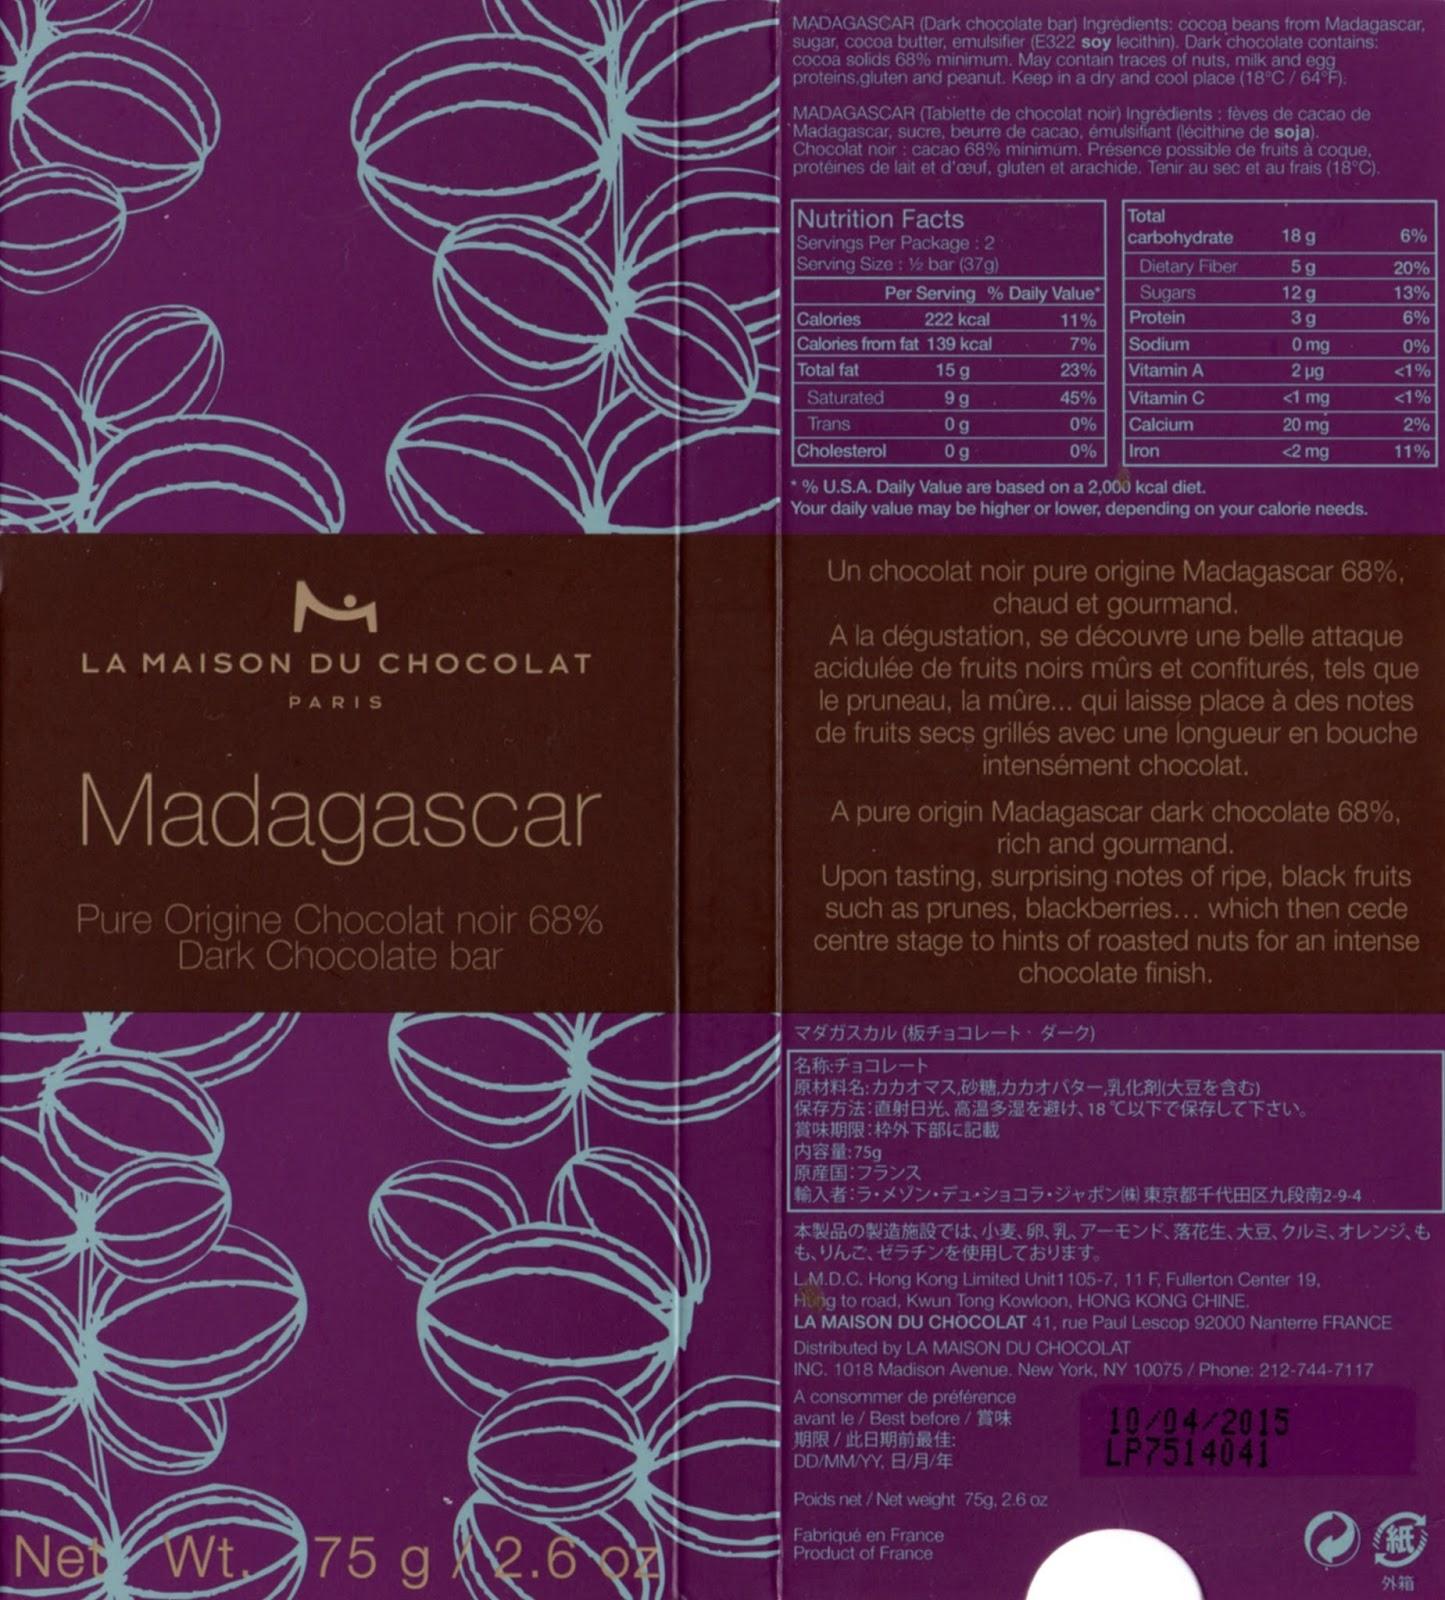 tablette de chocolat noir dégustation la maison du chocolat madagascar 68